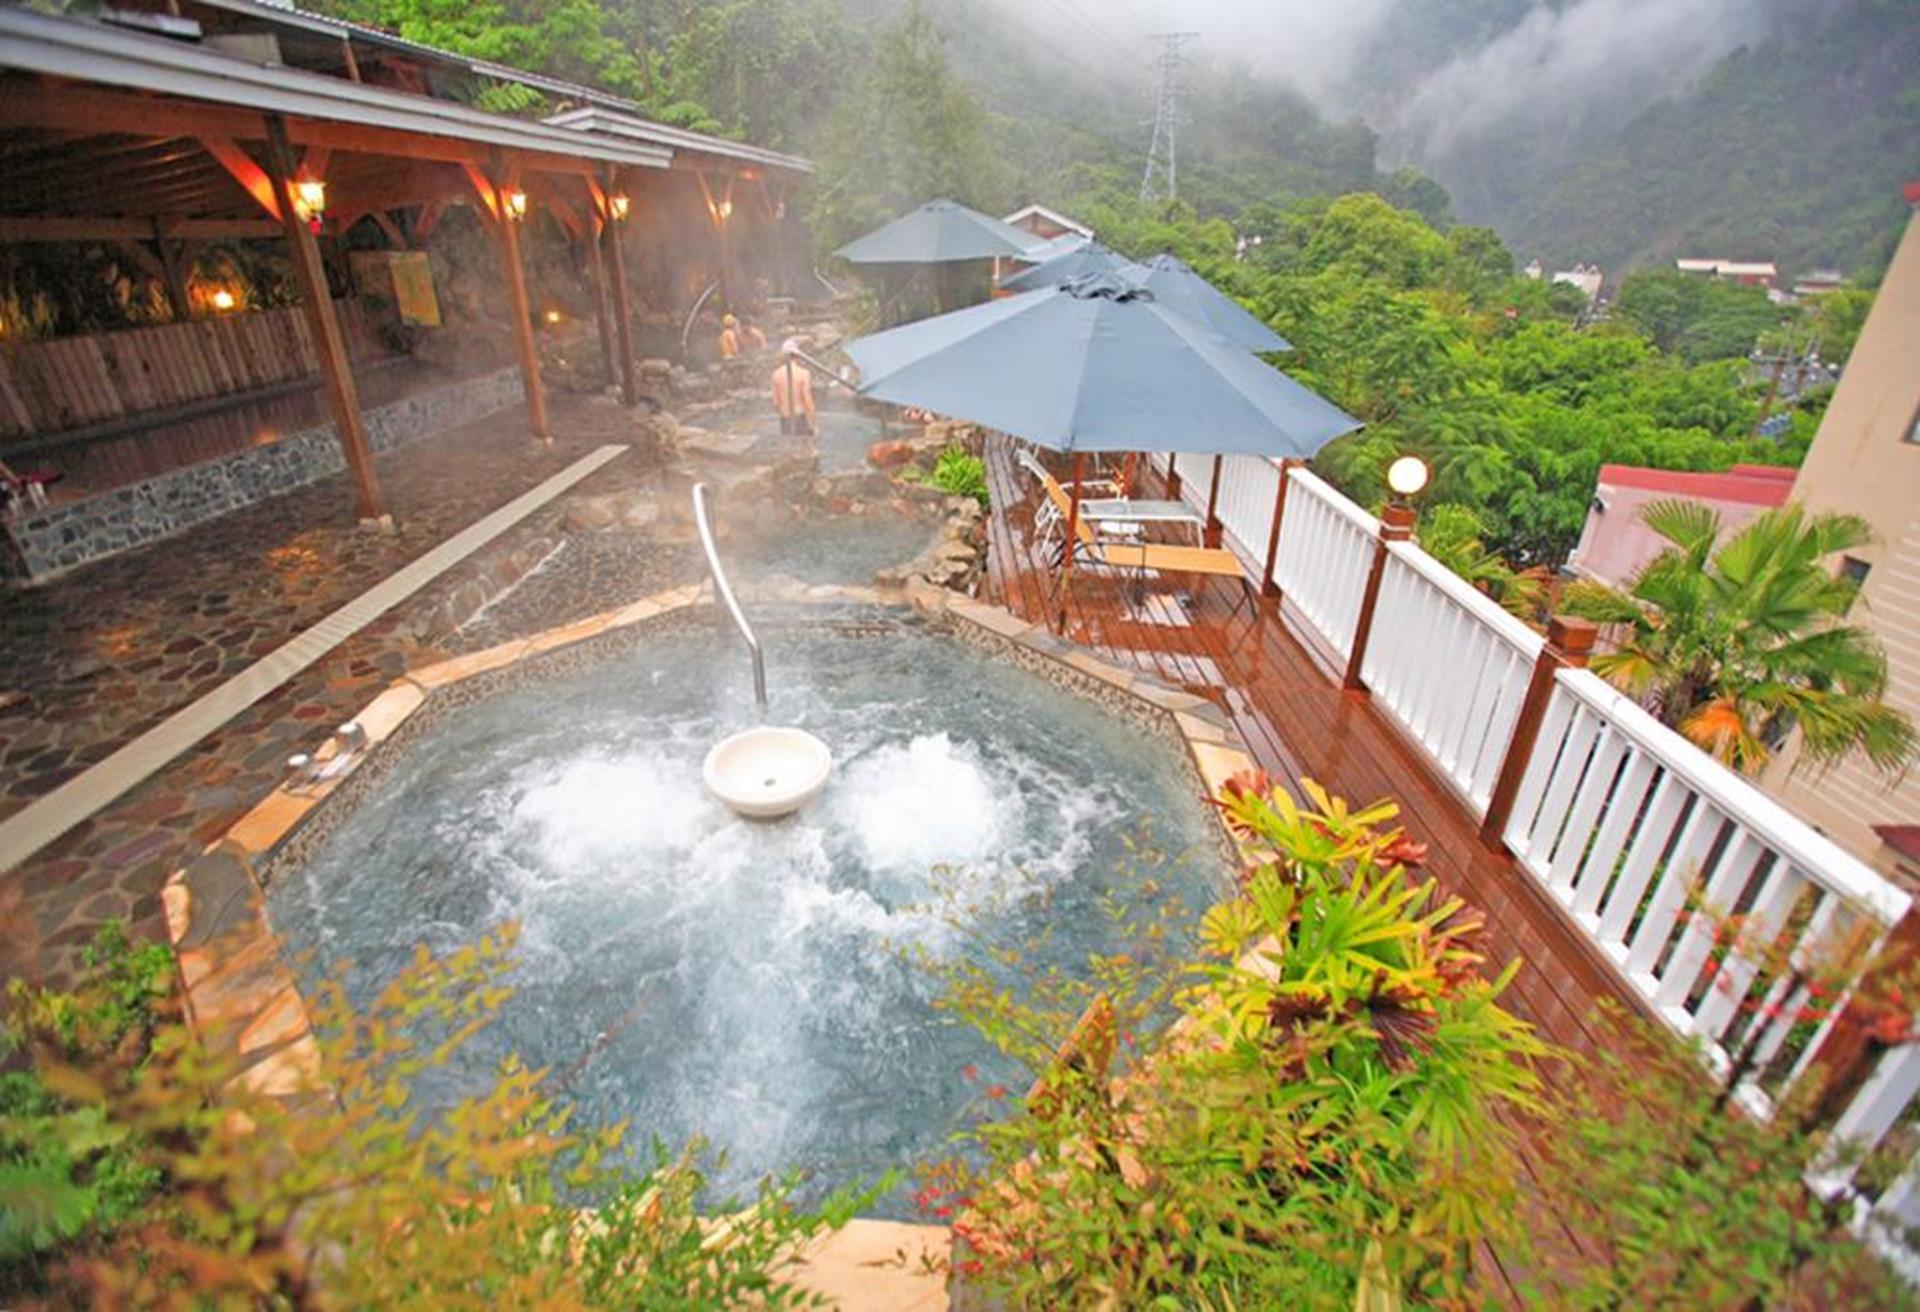 谷關麗池山水渡假村,麗池山水,谷關溫泉住宿